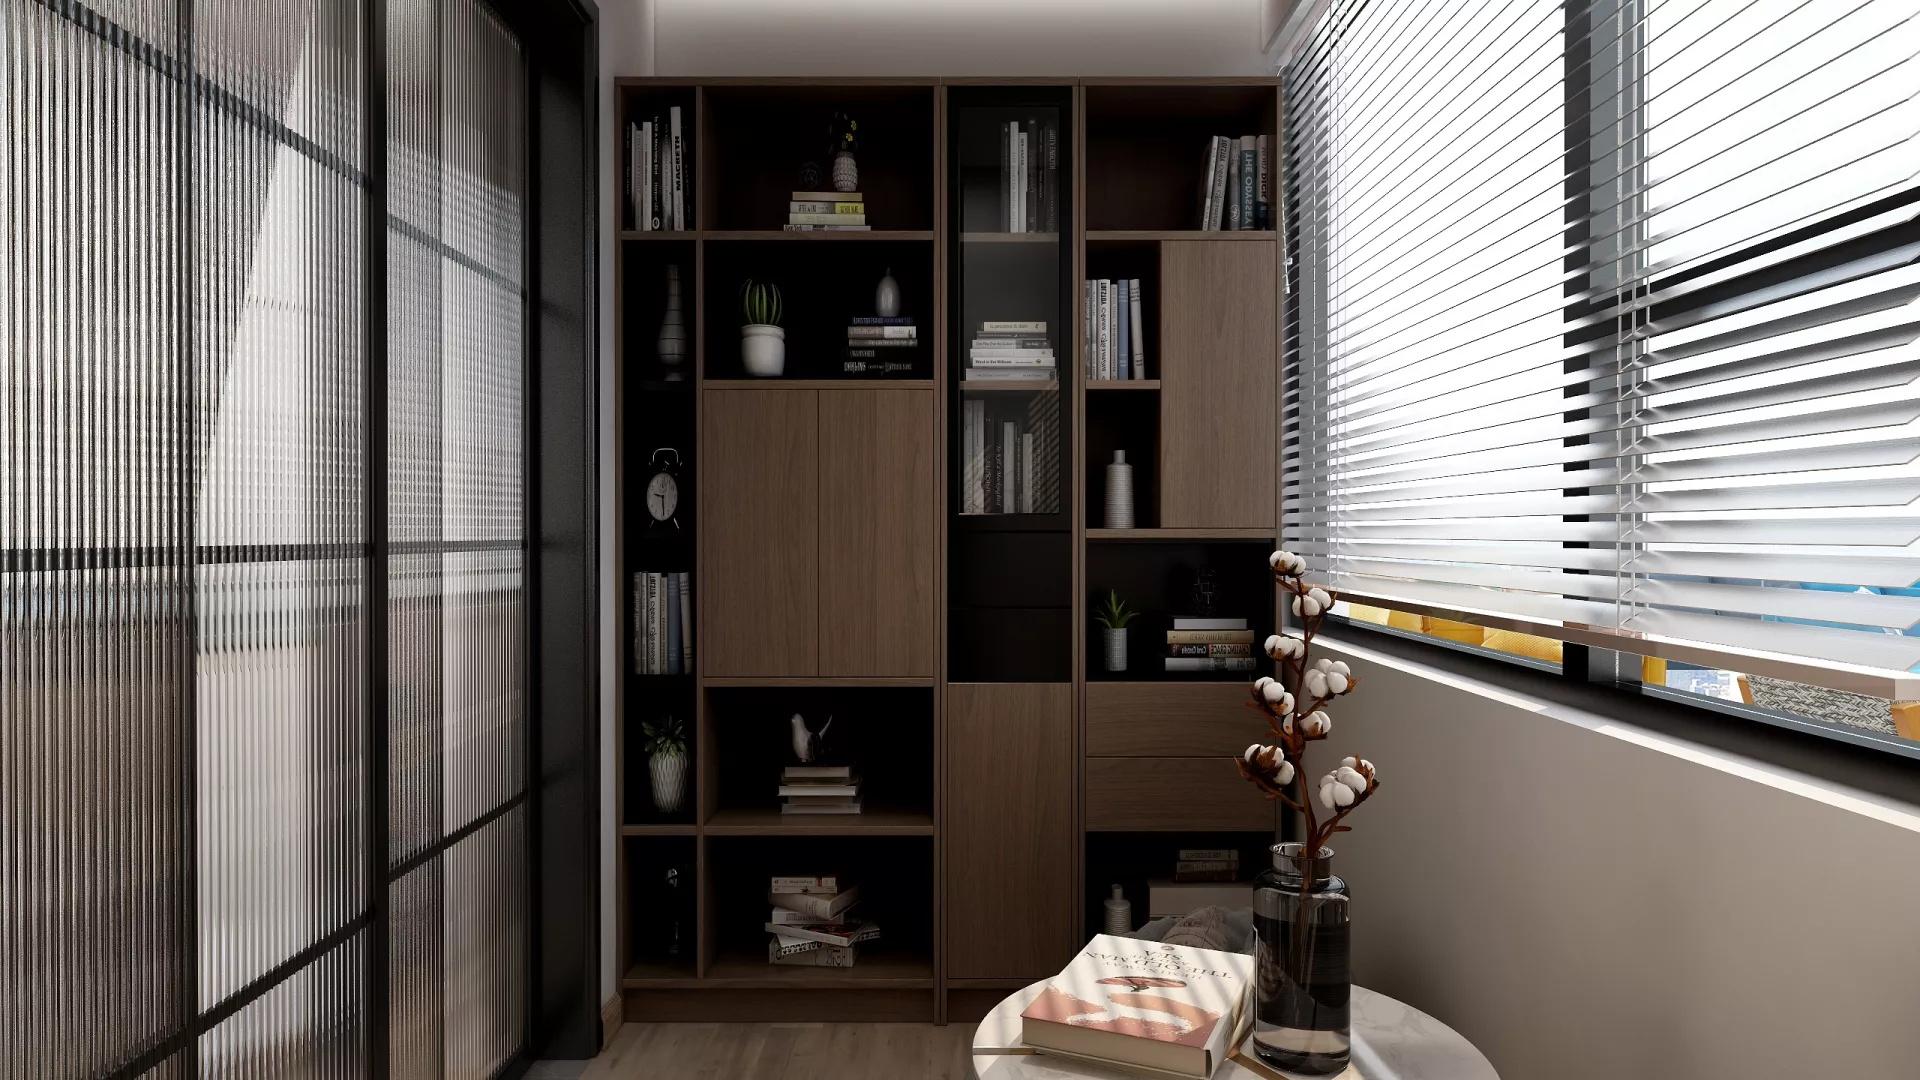 家居塑钢窗滑轮有哪些类型?室内塑钢窗滑轮类型选哪个好?